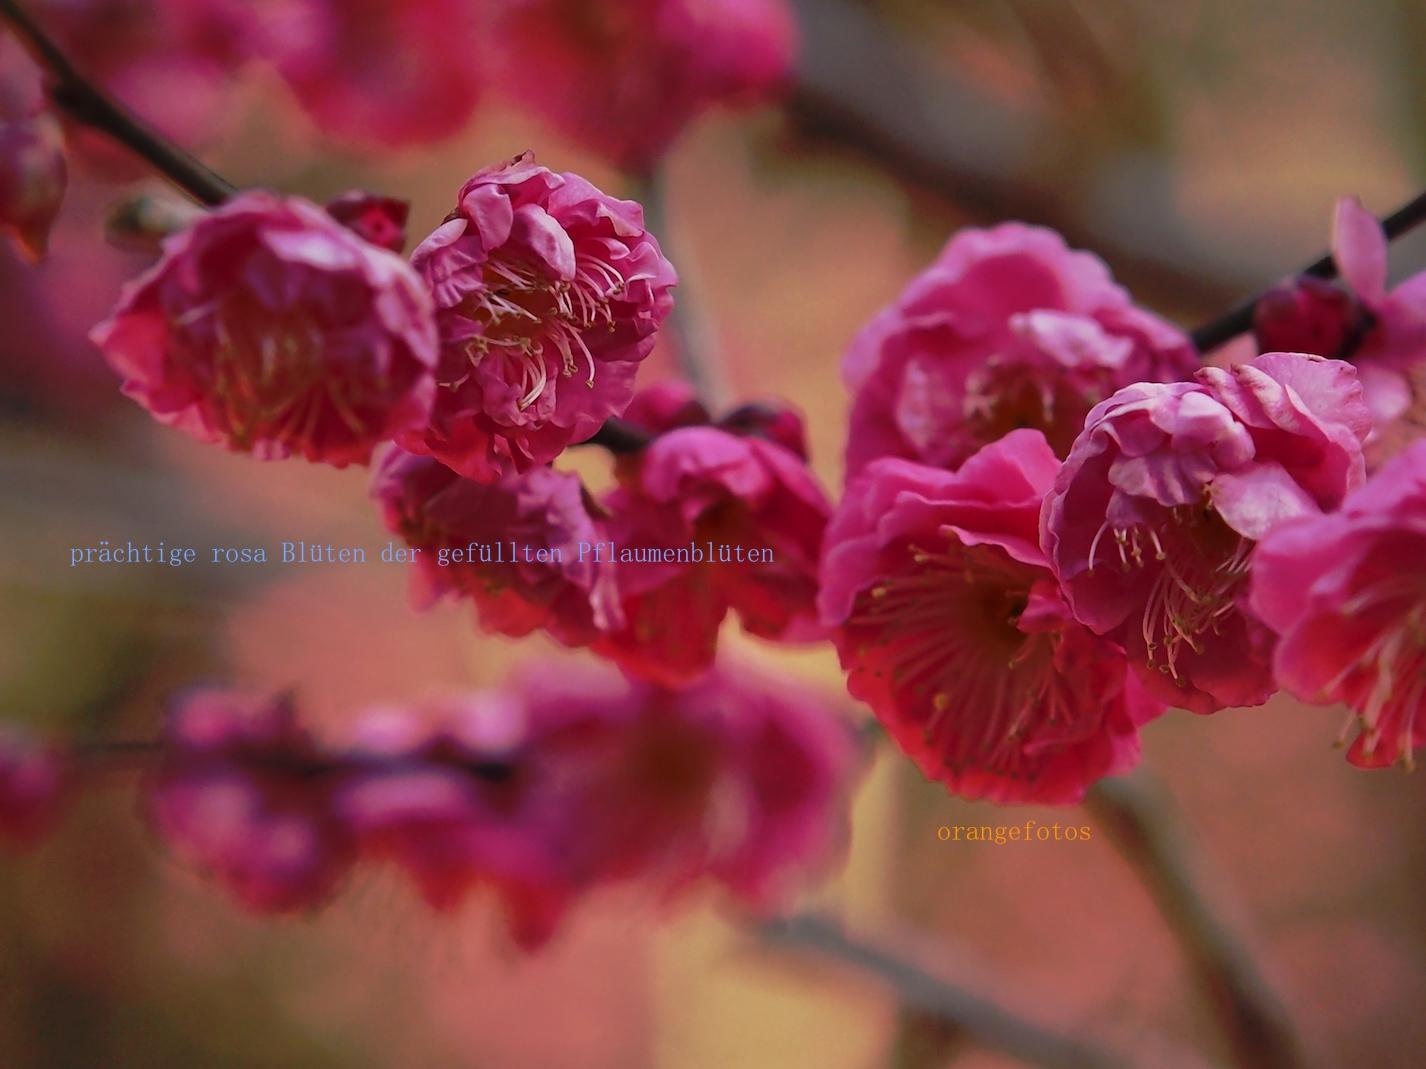 Pflaumenblüten rosa.jpg